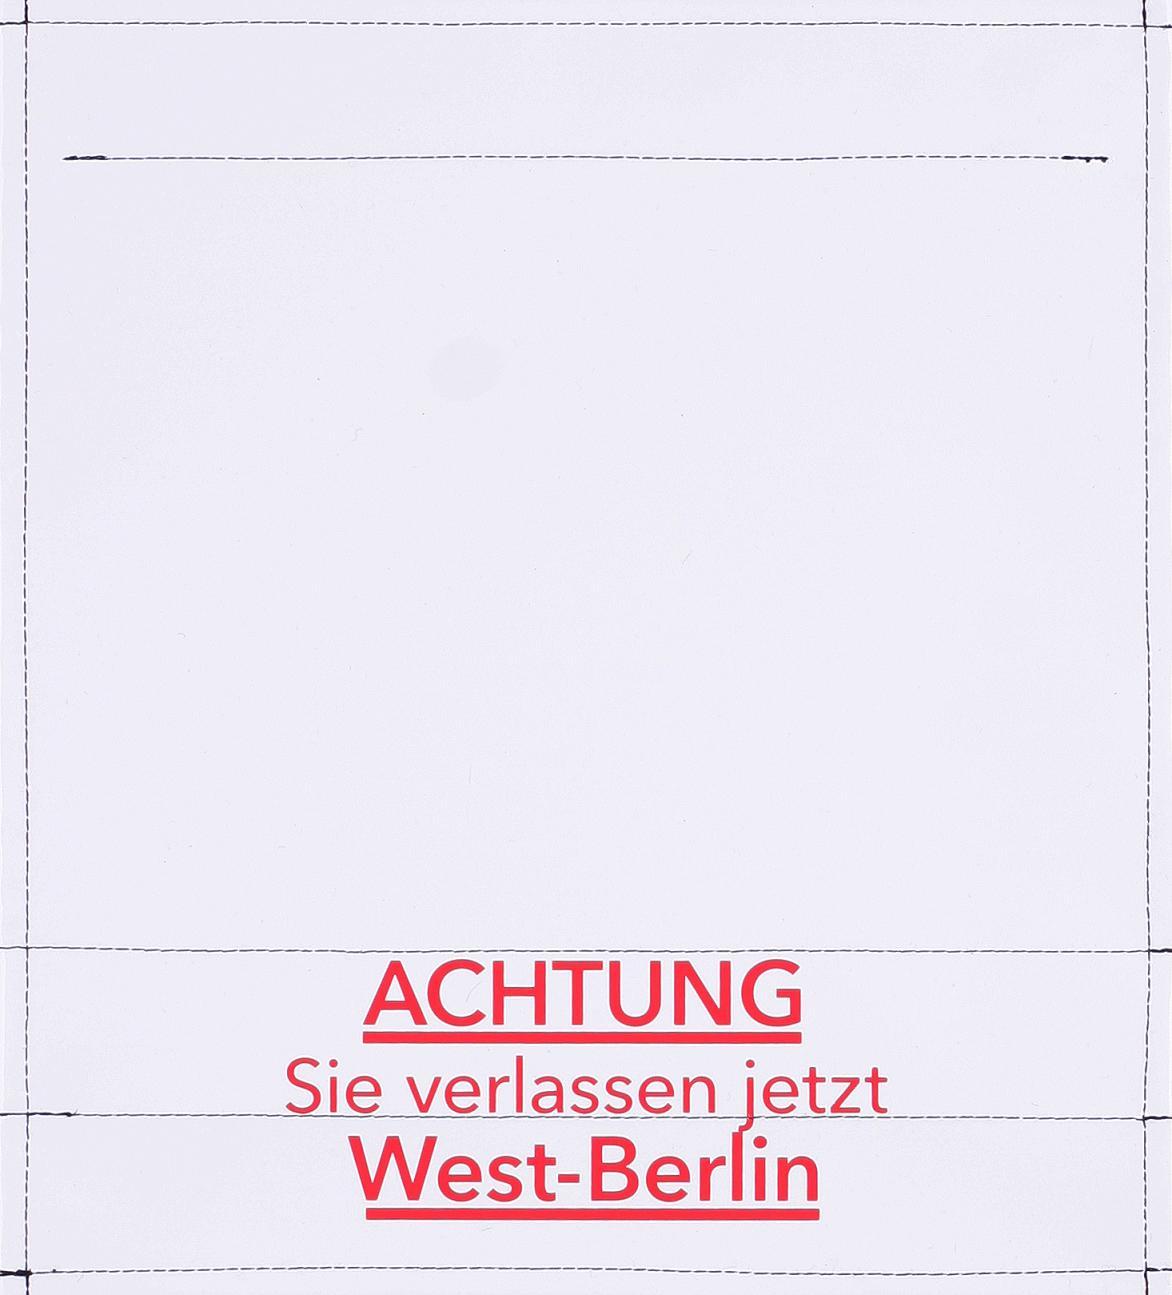 Achtung West-Berlin (mittel)